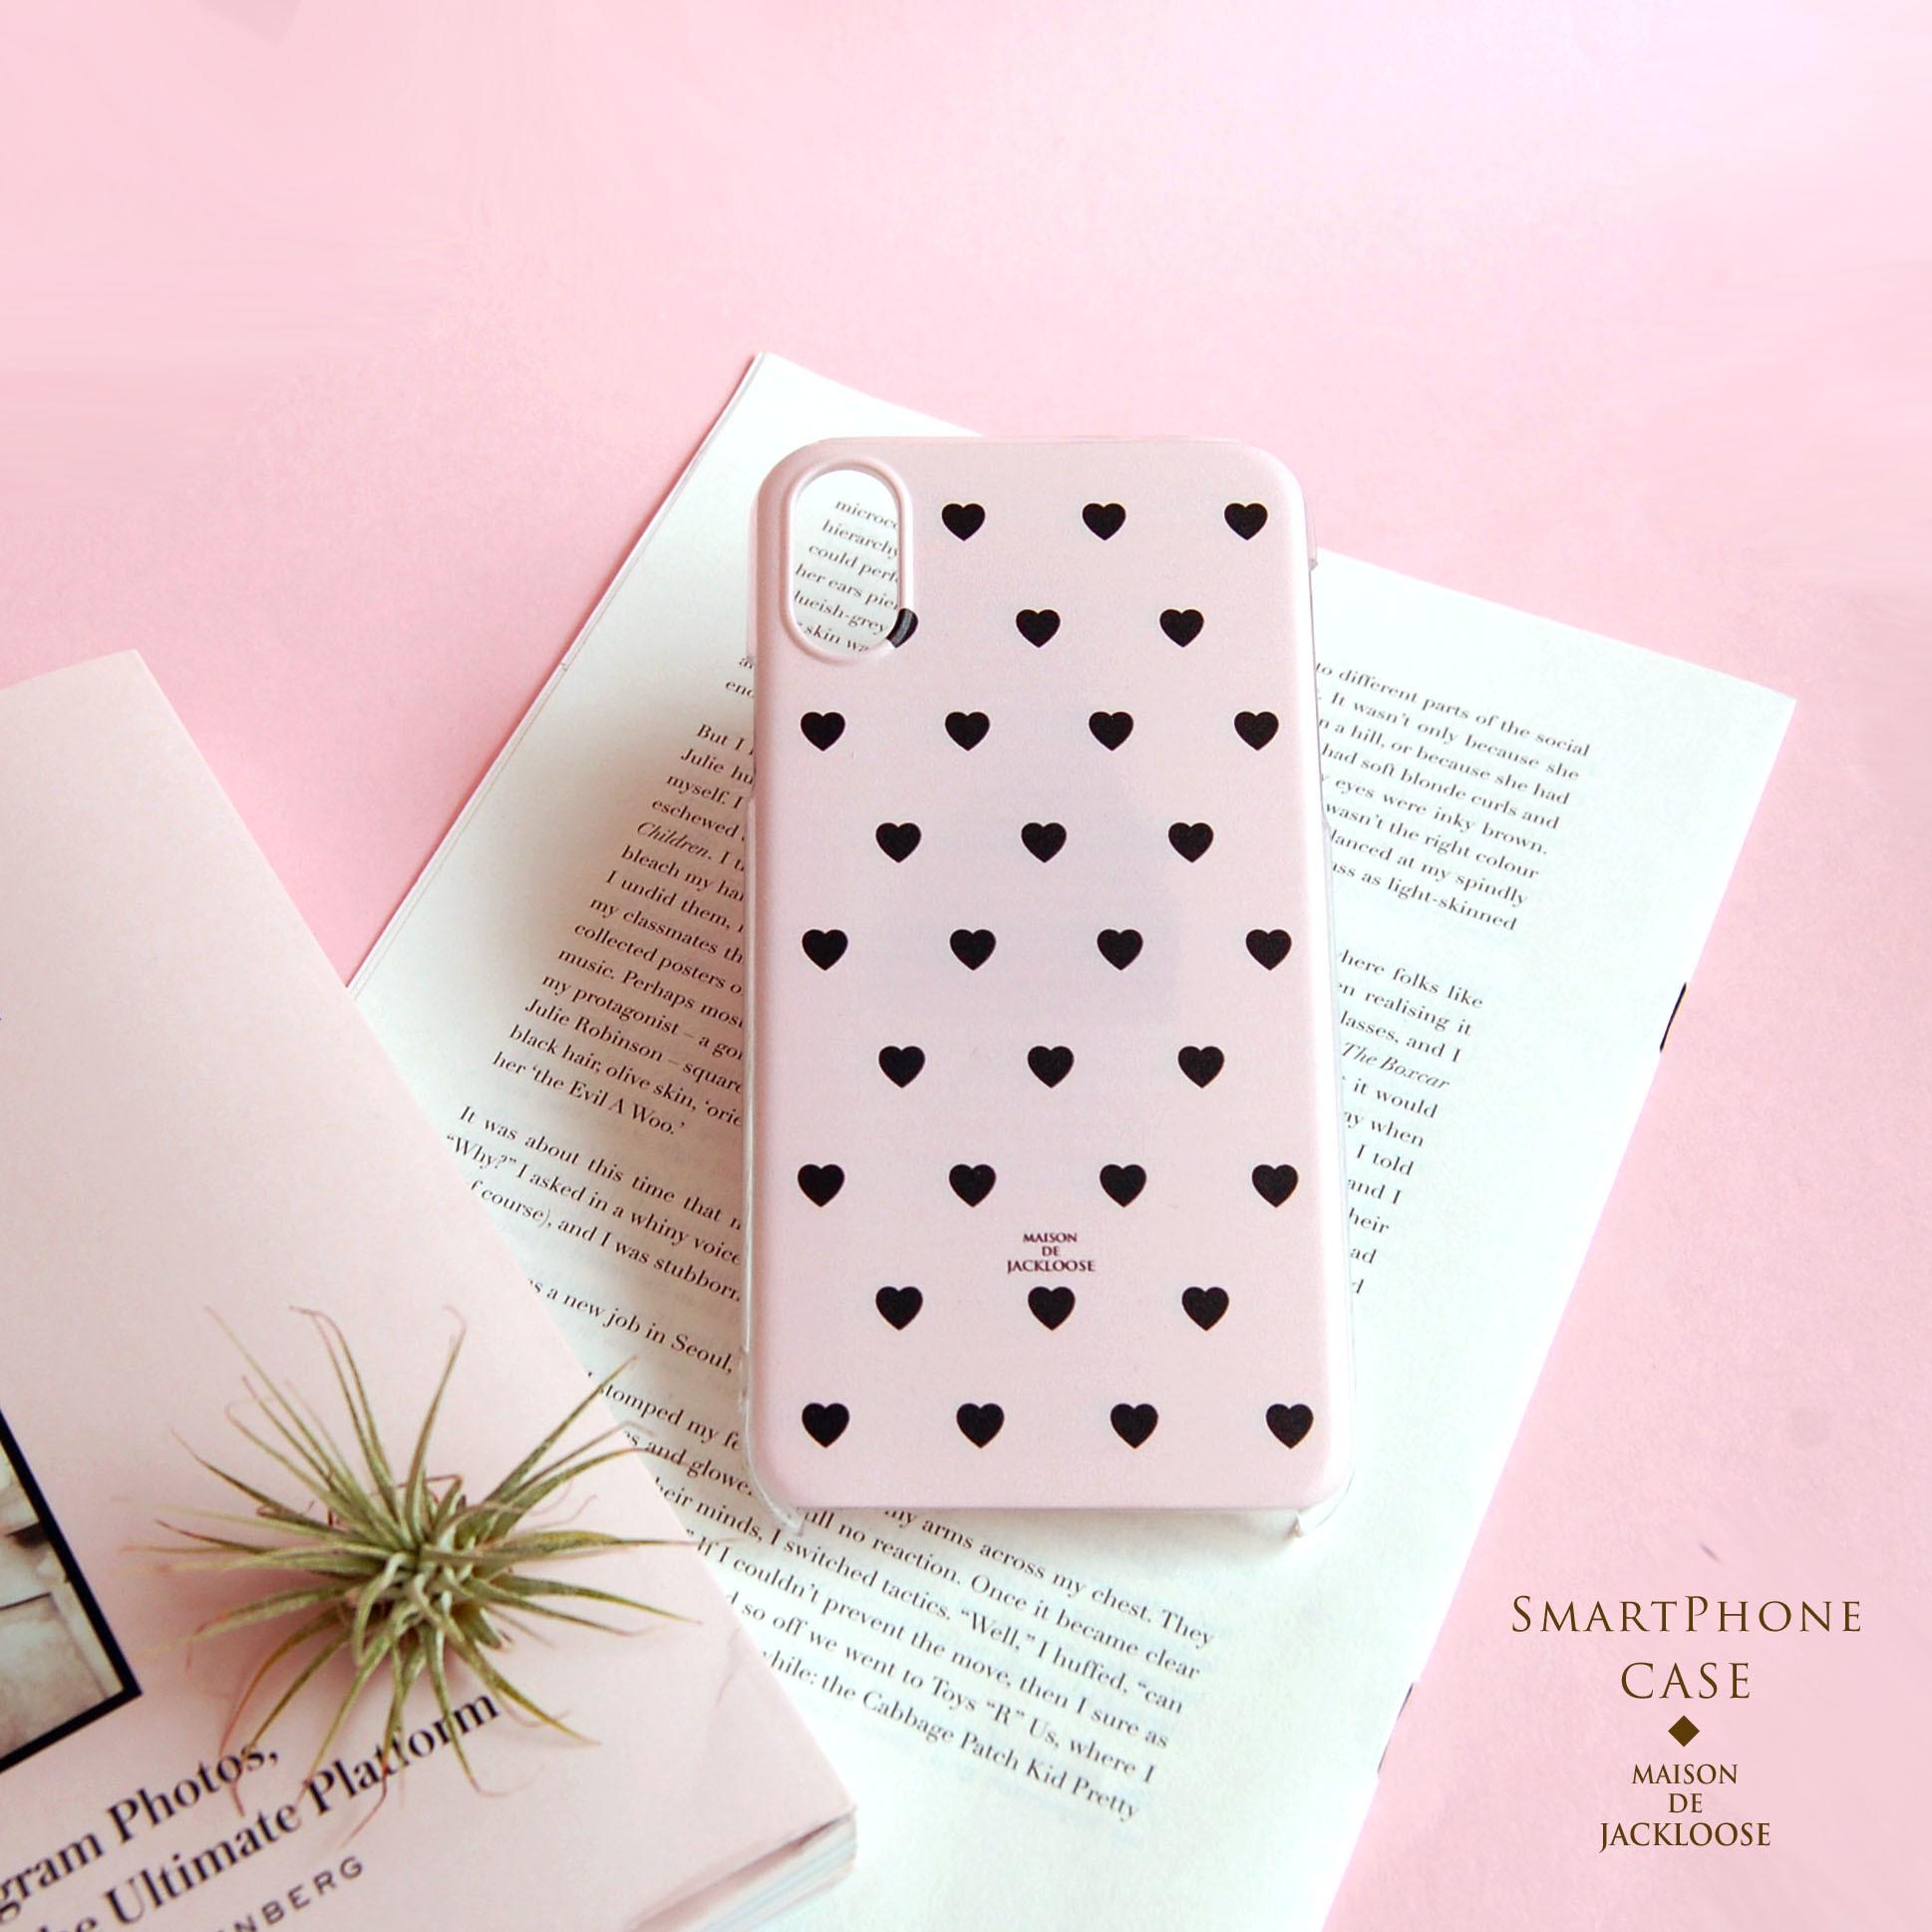 パウダーピンク 黒いハートのスマホケース【iPhone・android 専用カメラホール ハードケース】